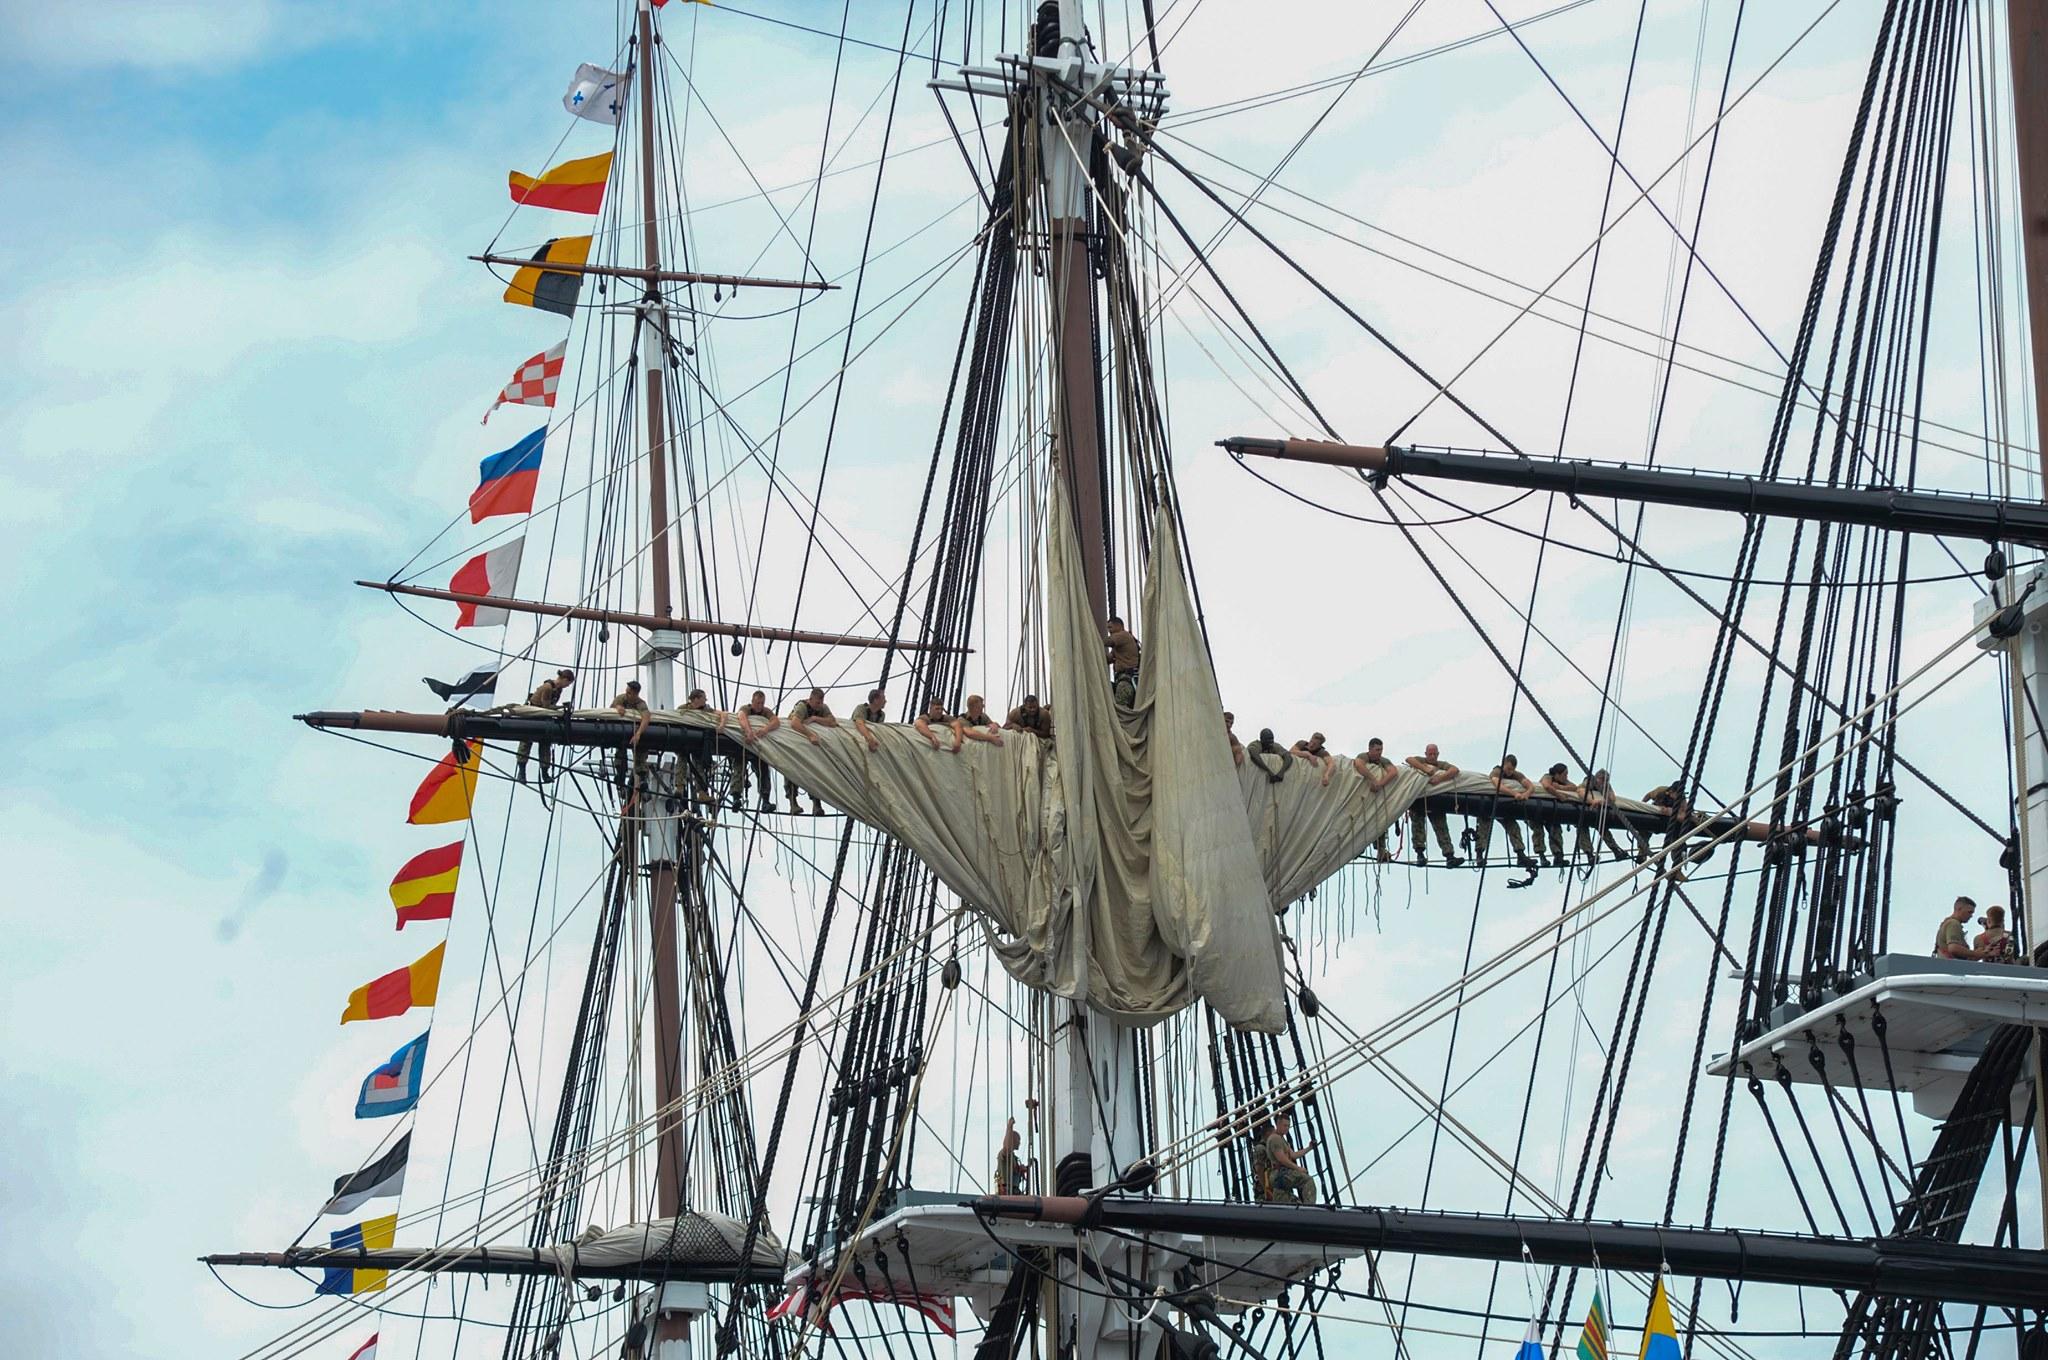 Constitution Under sail